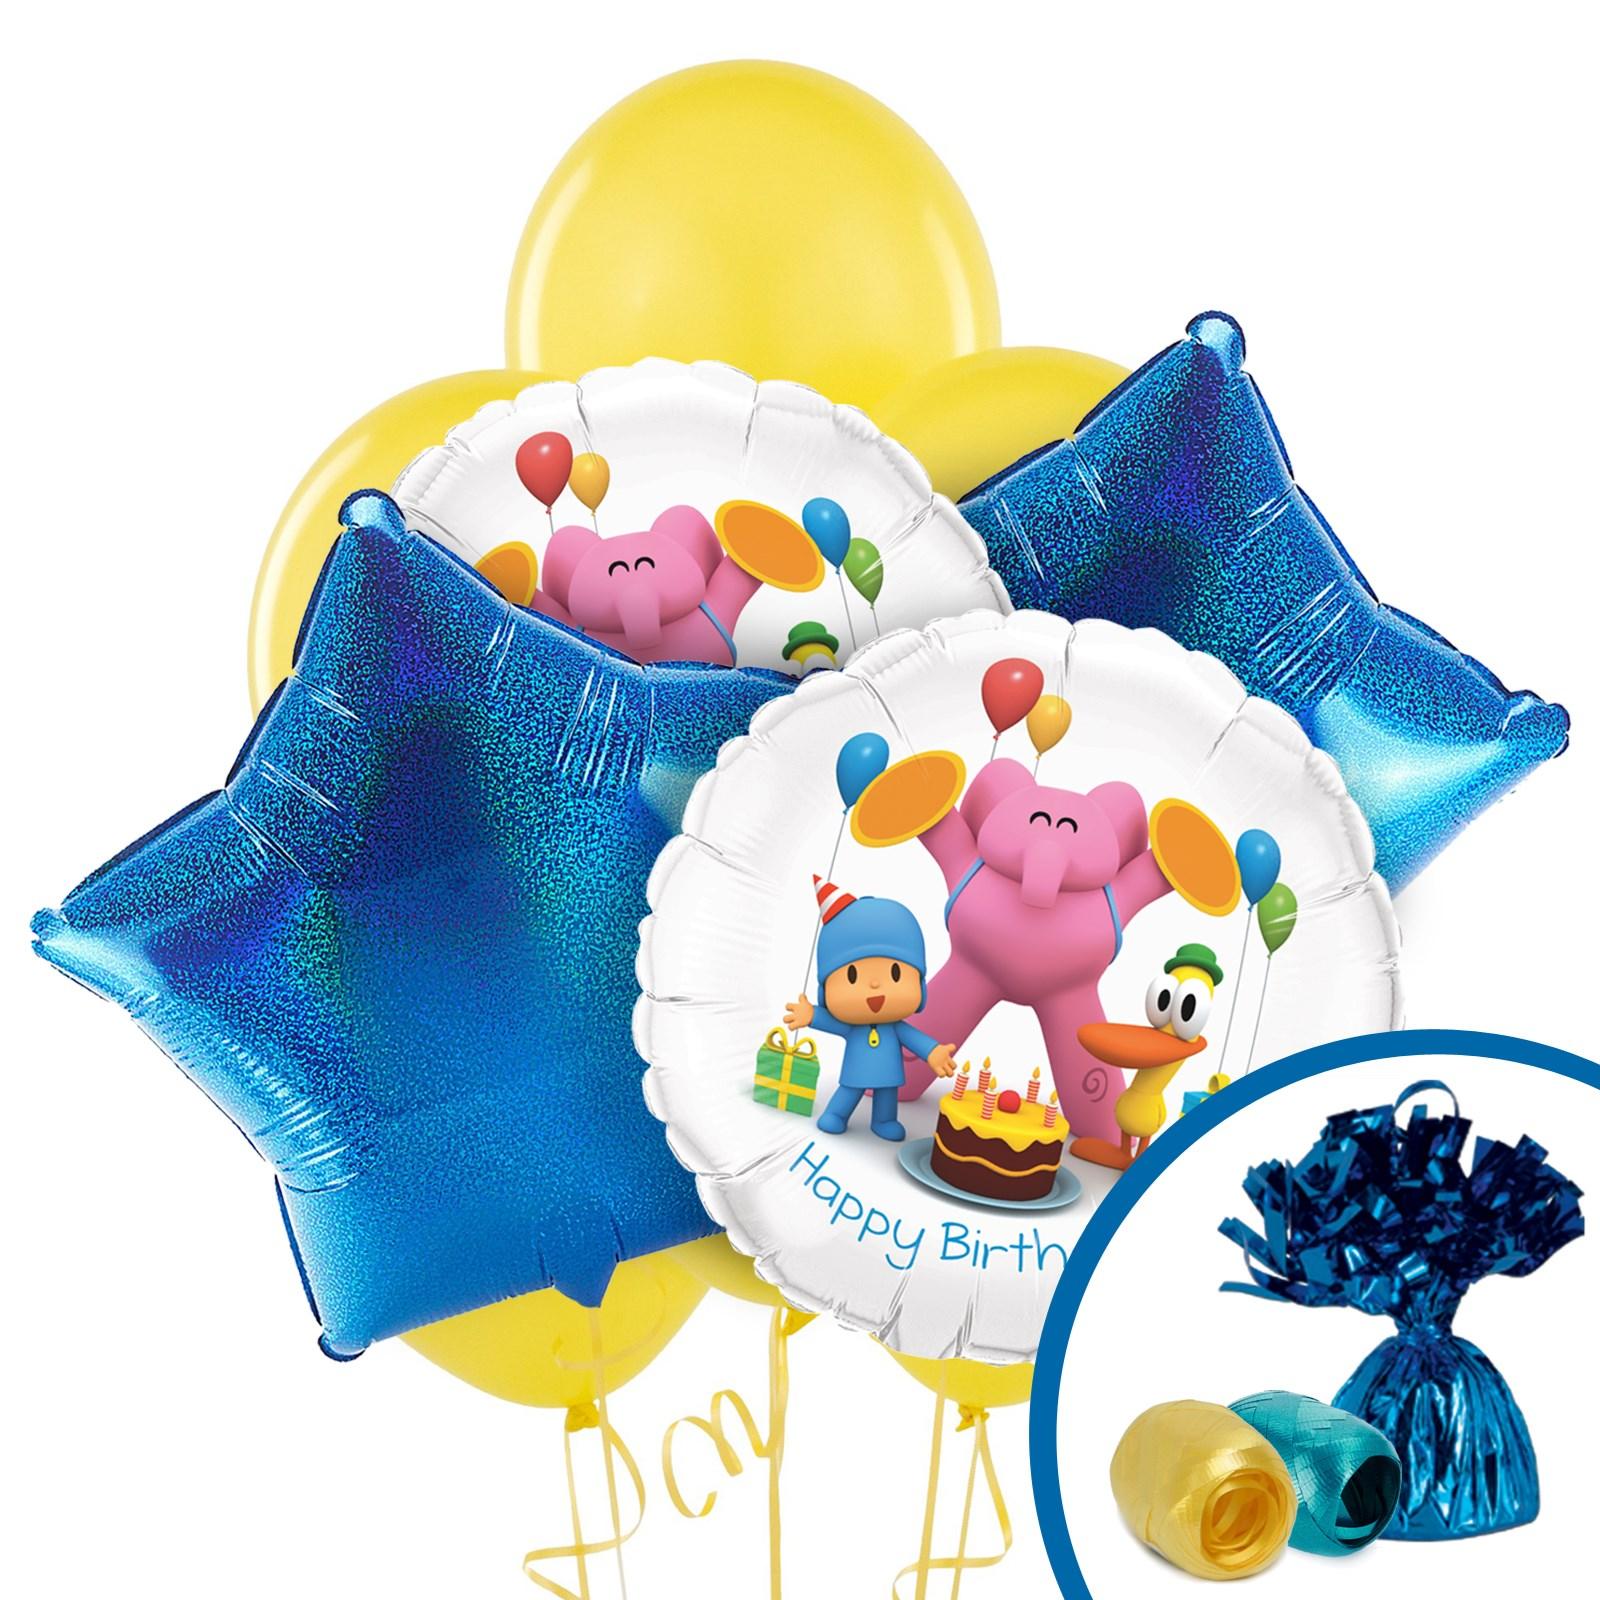 Image of Pocoyo Balloon Bouquet